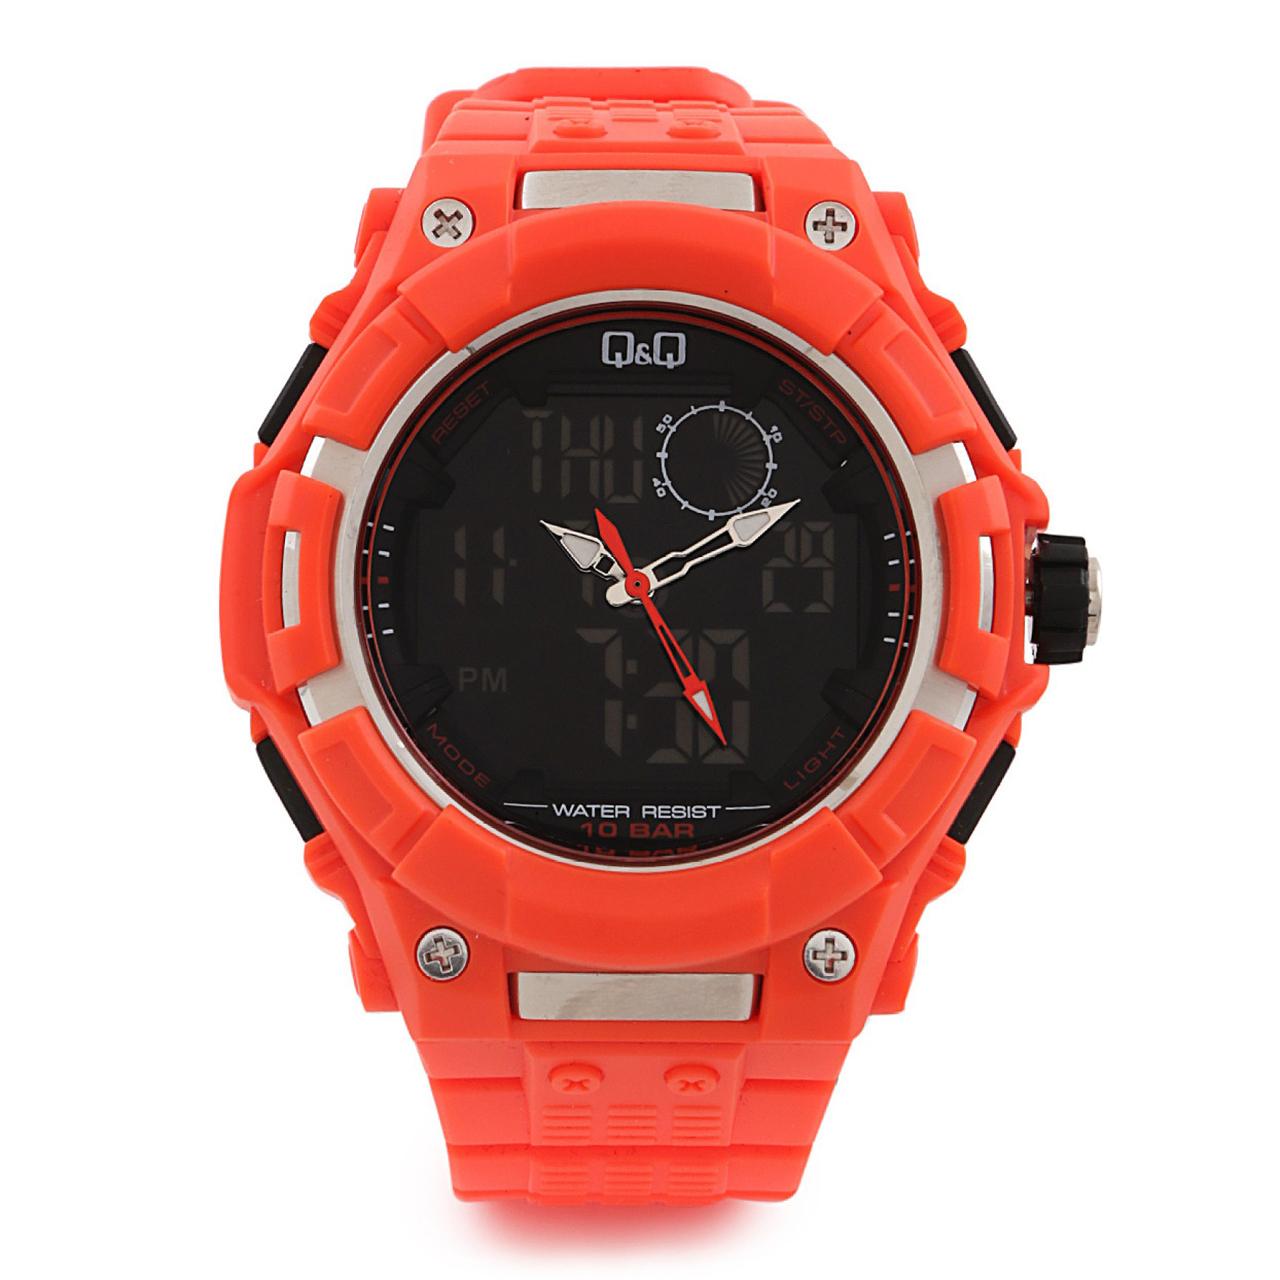 ساعت مچی عقربه ای کیو اند کیو مدل gw80j006y به همراه دستمال مخصوص برند کلین واچ 20